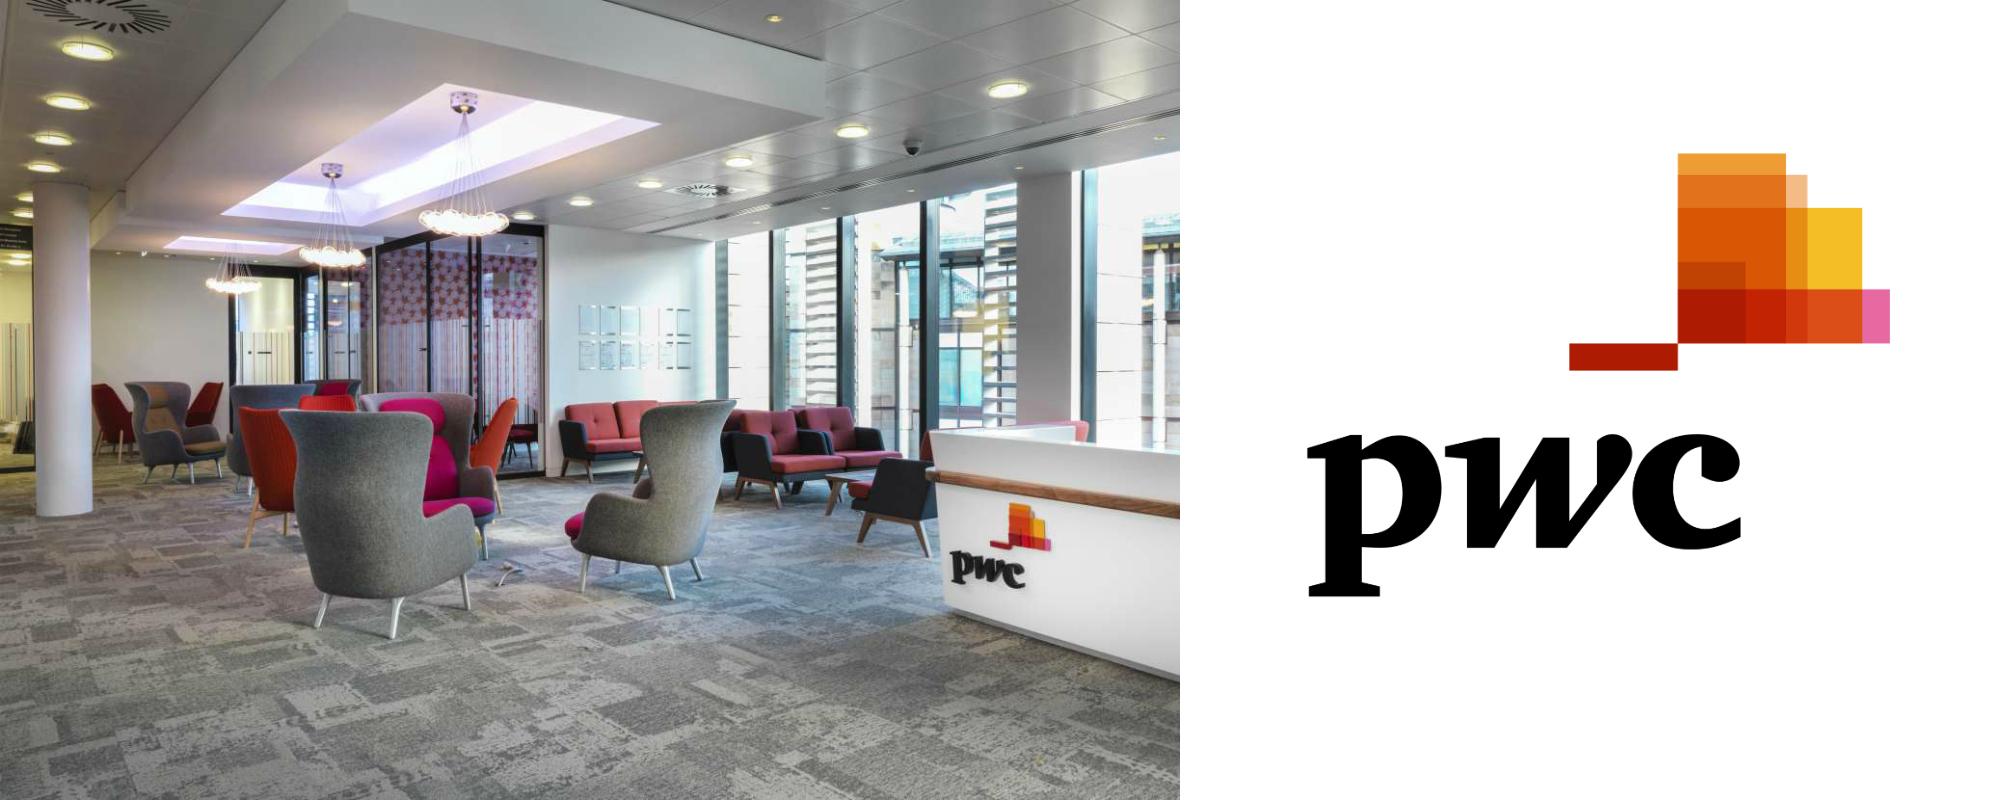 pwc-banner-ma-top-advisory-upslide-firm